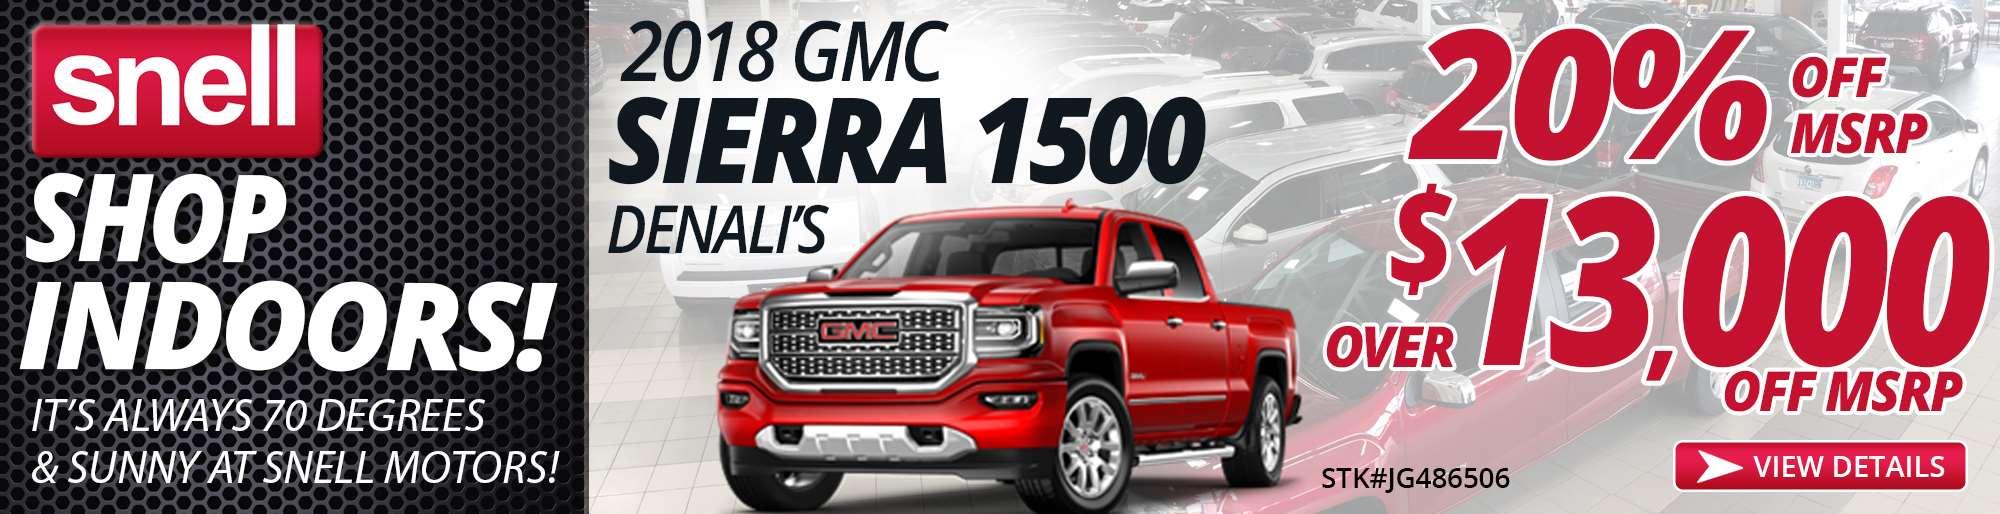 2.12 2018 GMC Sierra